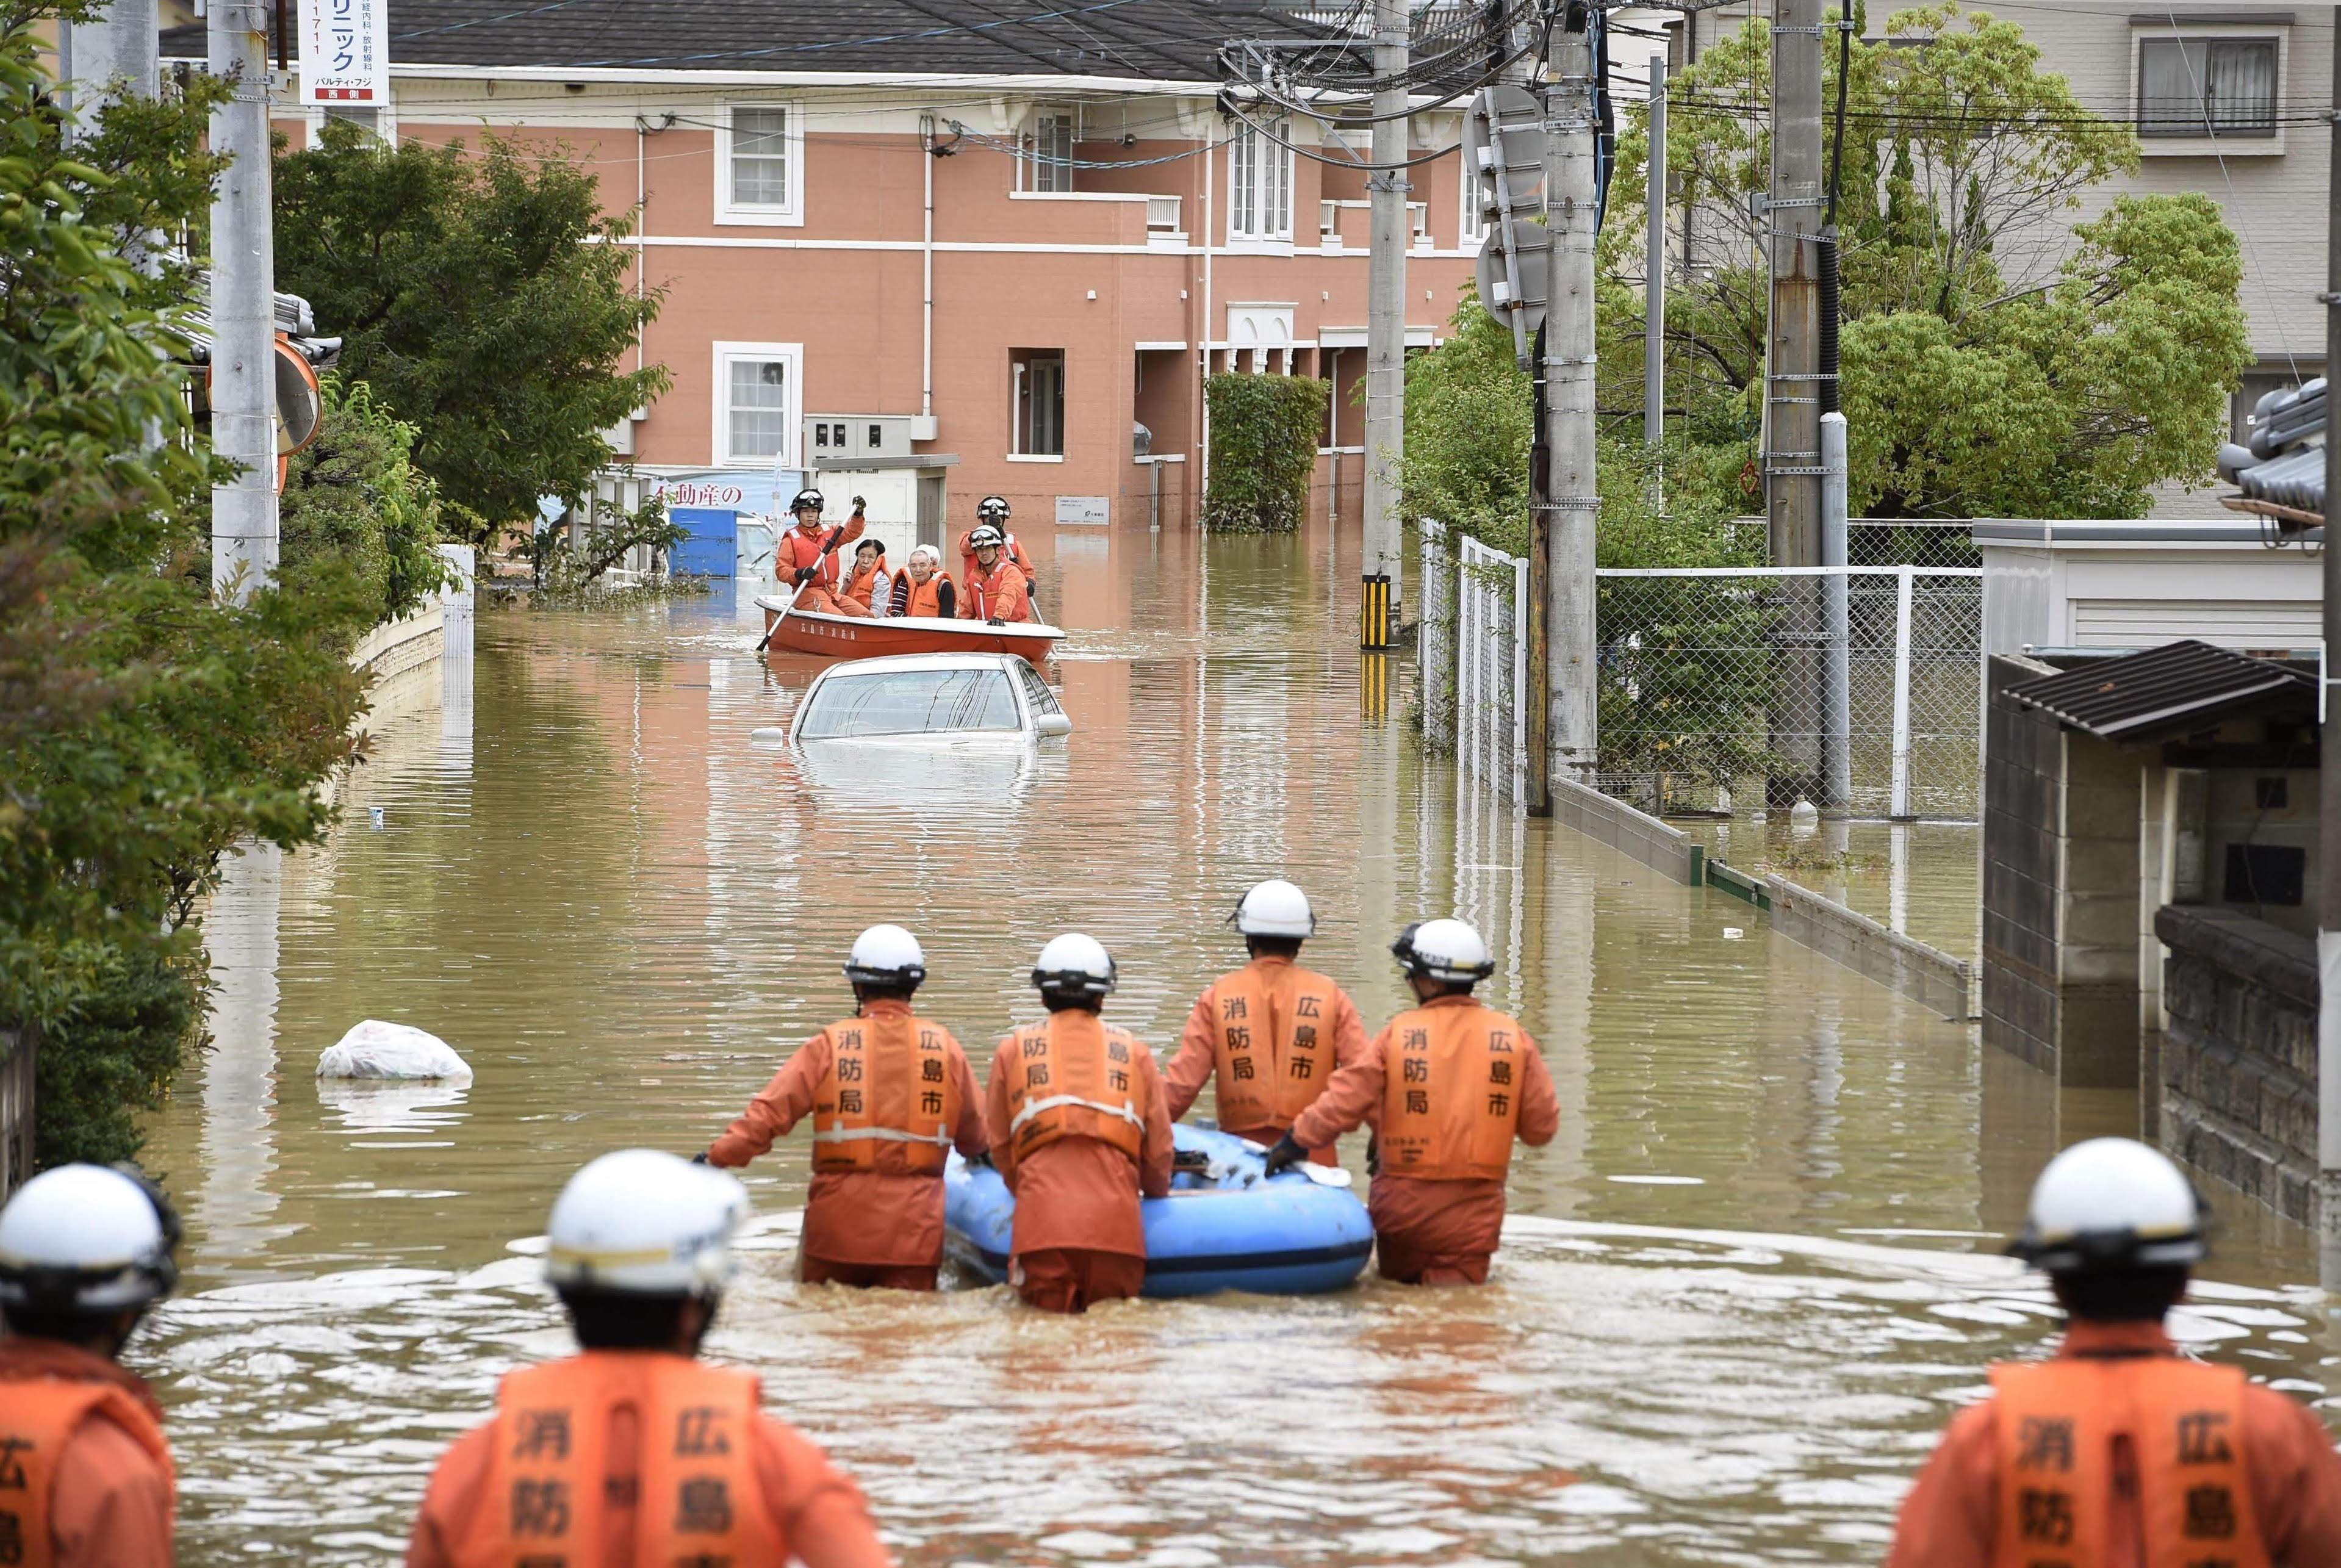 Khoảng 48.000 nhân viên Lực lượng phòng vệ (quân đội Nhật), cảnh sát và nhân viên cứu hộ đã được huy động triển khai chiến dịch tìm kiếm những người bị mắc kẹt, bị thương hoặc chết trong đợt mưa lũ